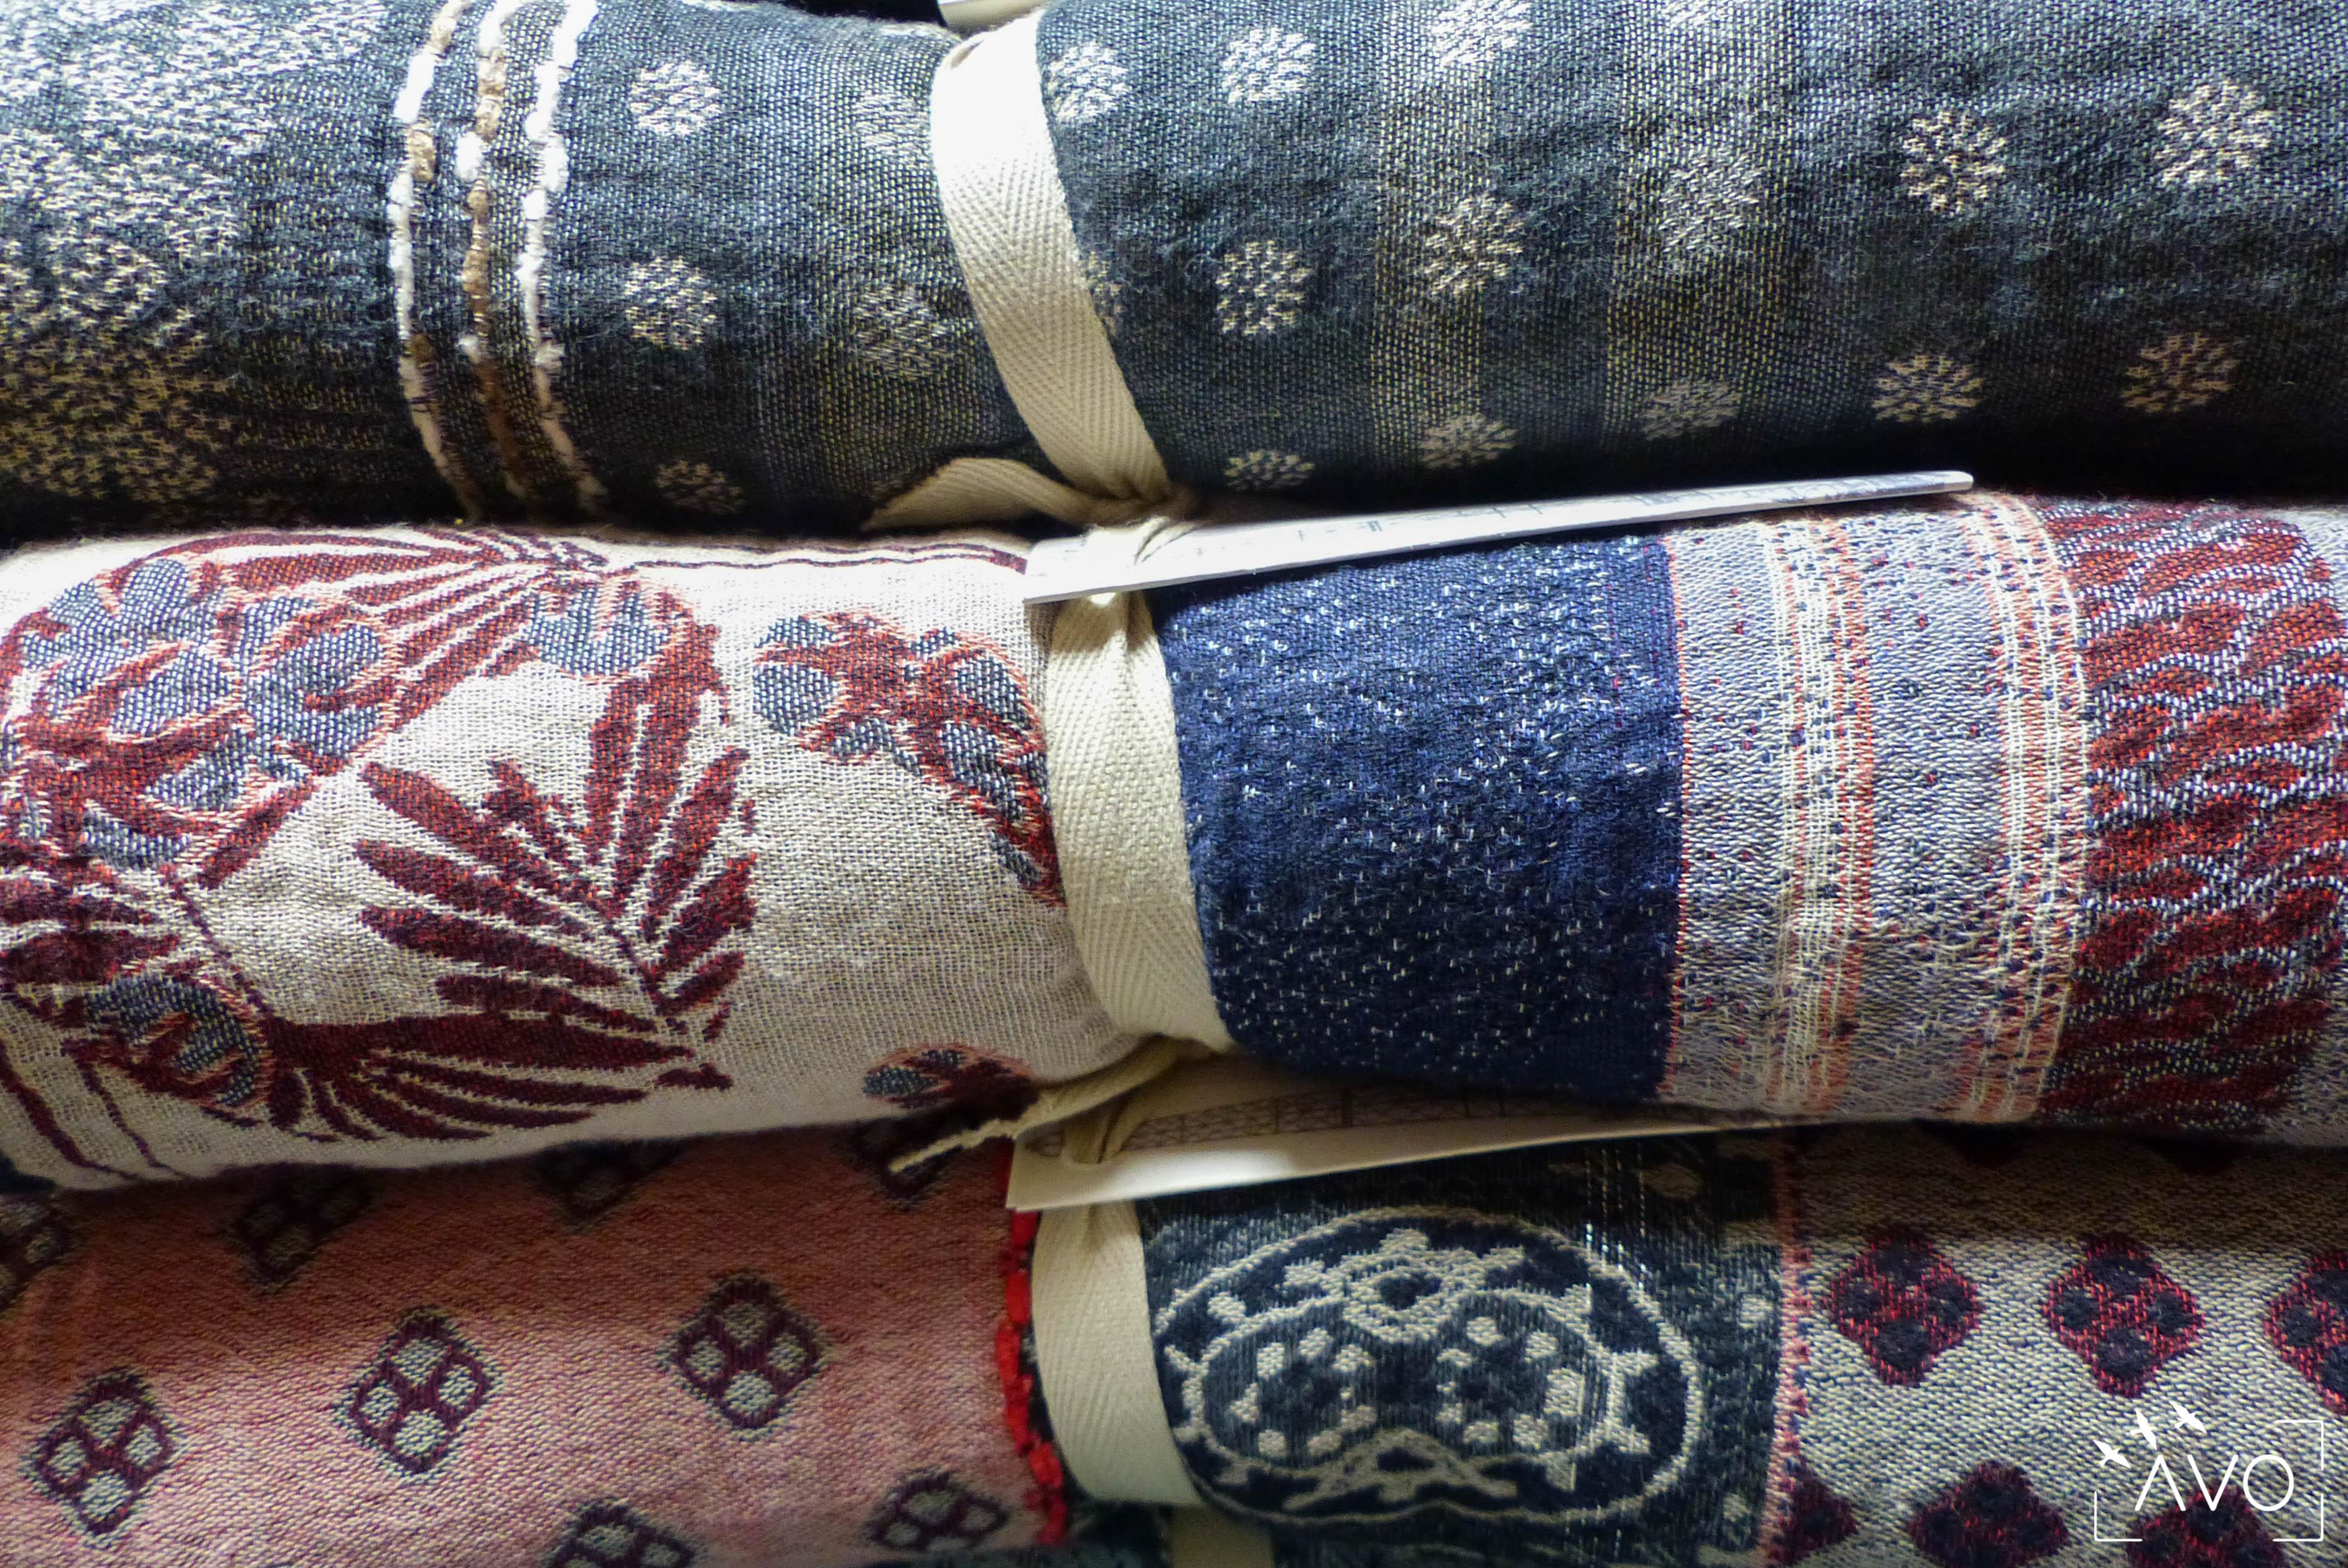 étole Létol foulard madeinfrance charlieu loire motif fleur géométrique beau dessin cadeau rouleaux